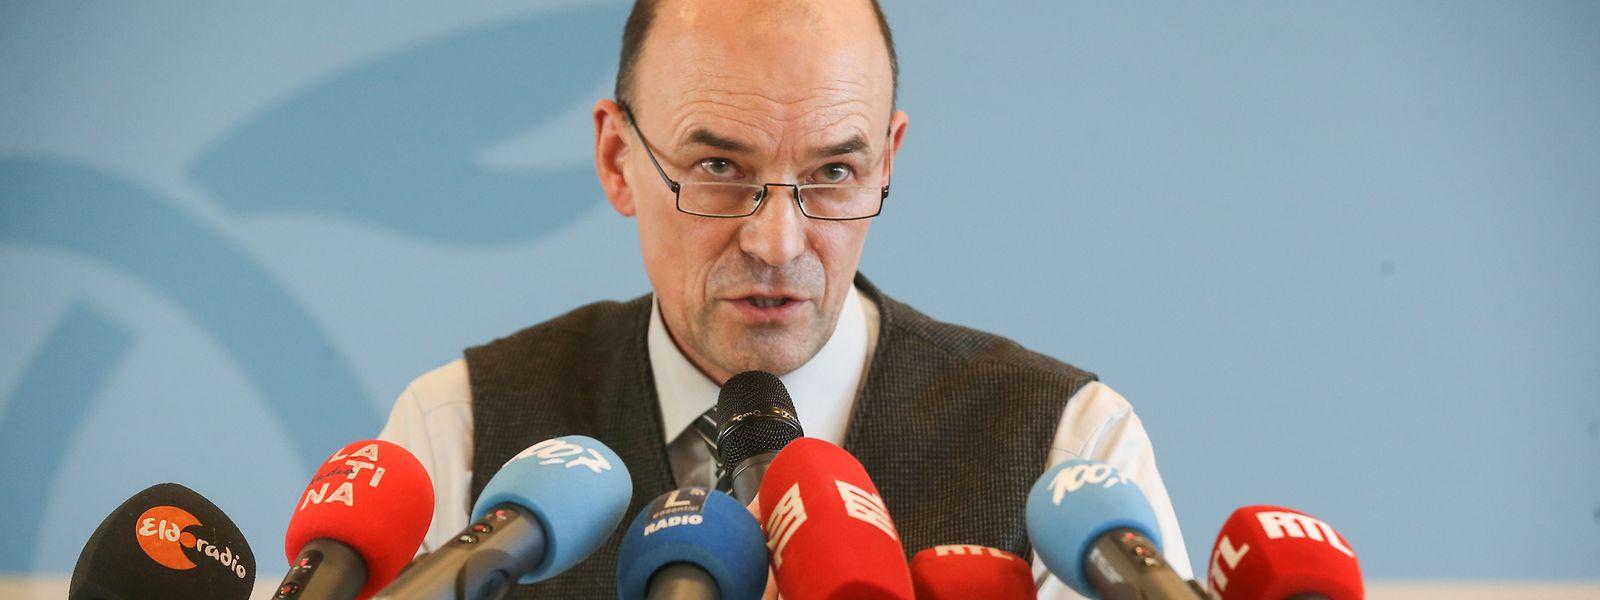 Georges Oswald wird zum 1. April die Spitze der Staatsanwaltschaft des Bezirks Luxemburg übernehmen.